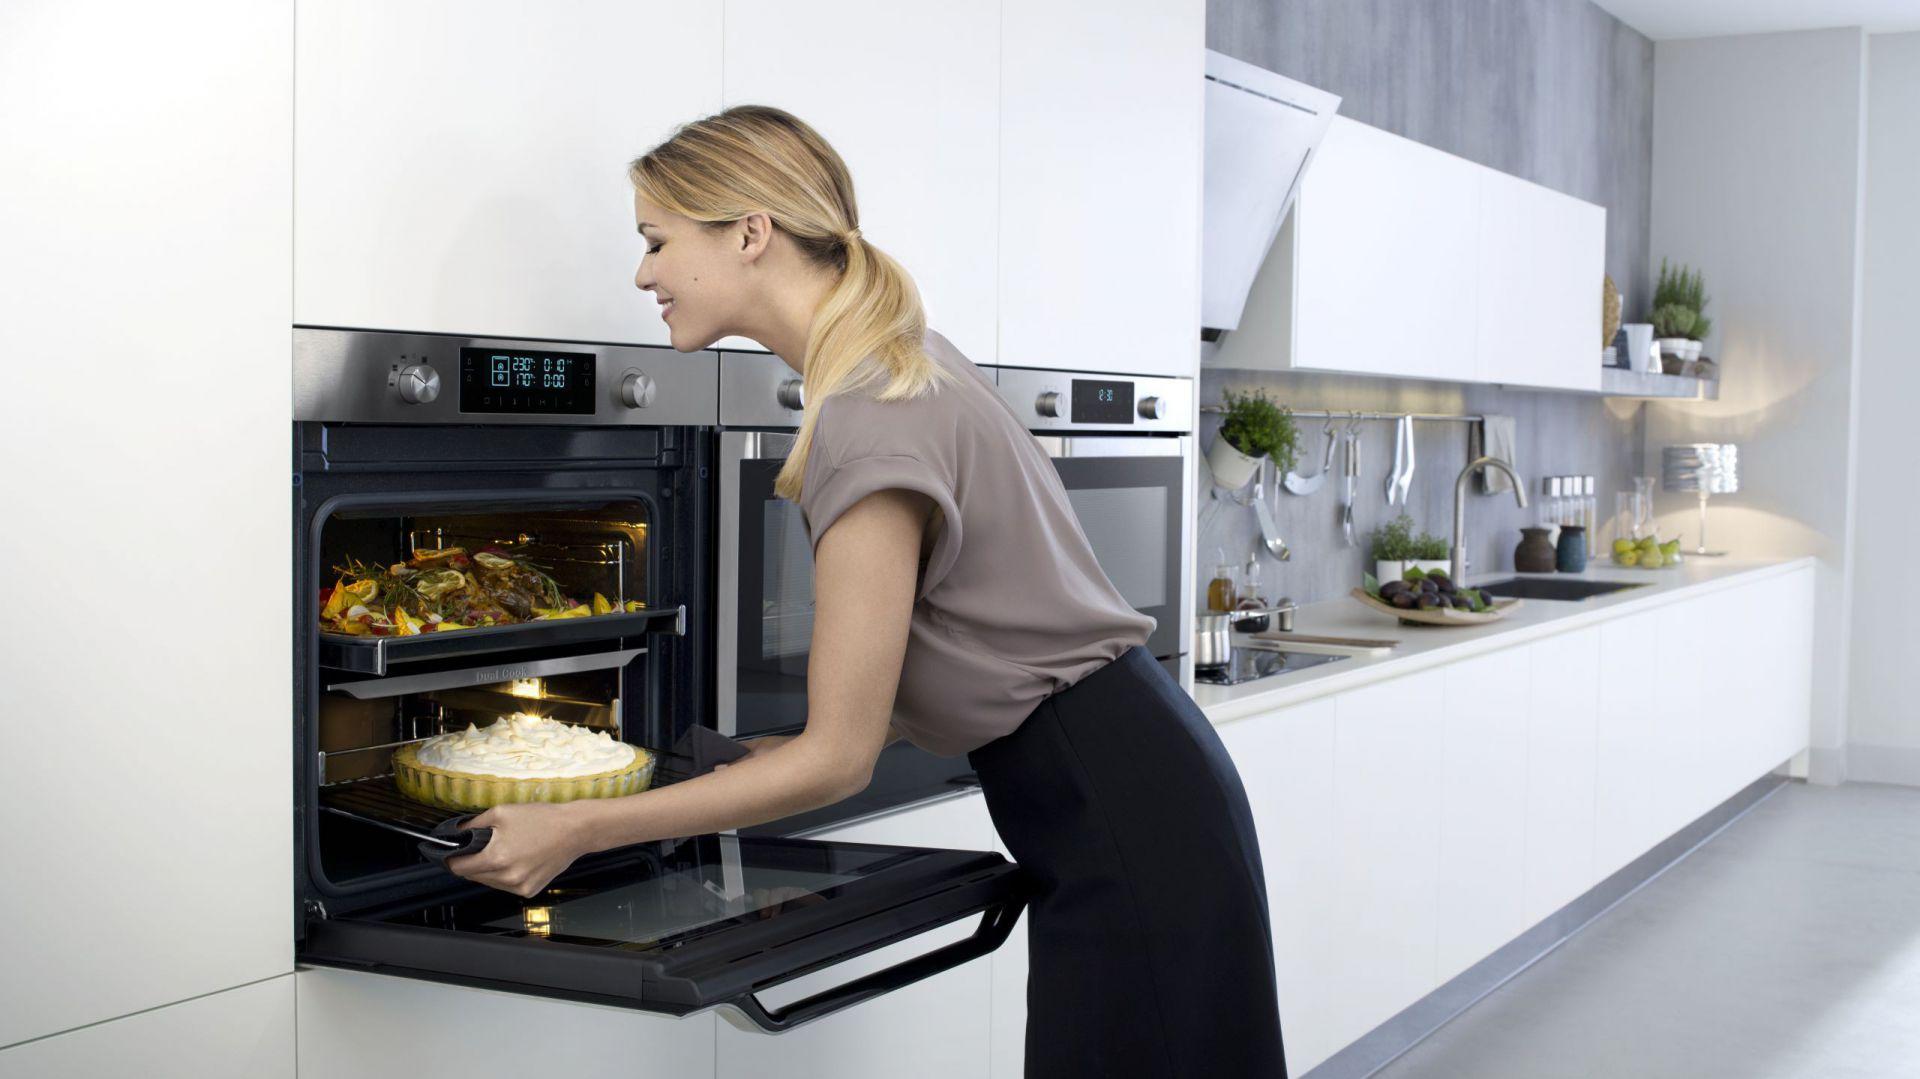 цена духовки